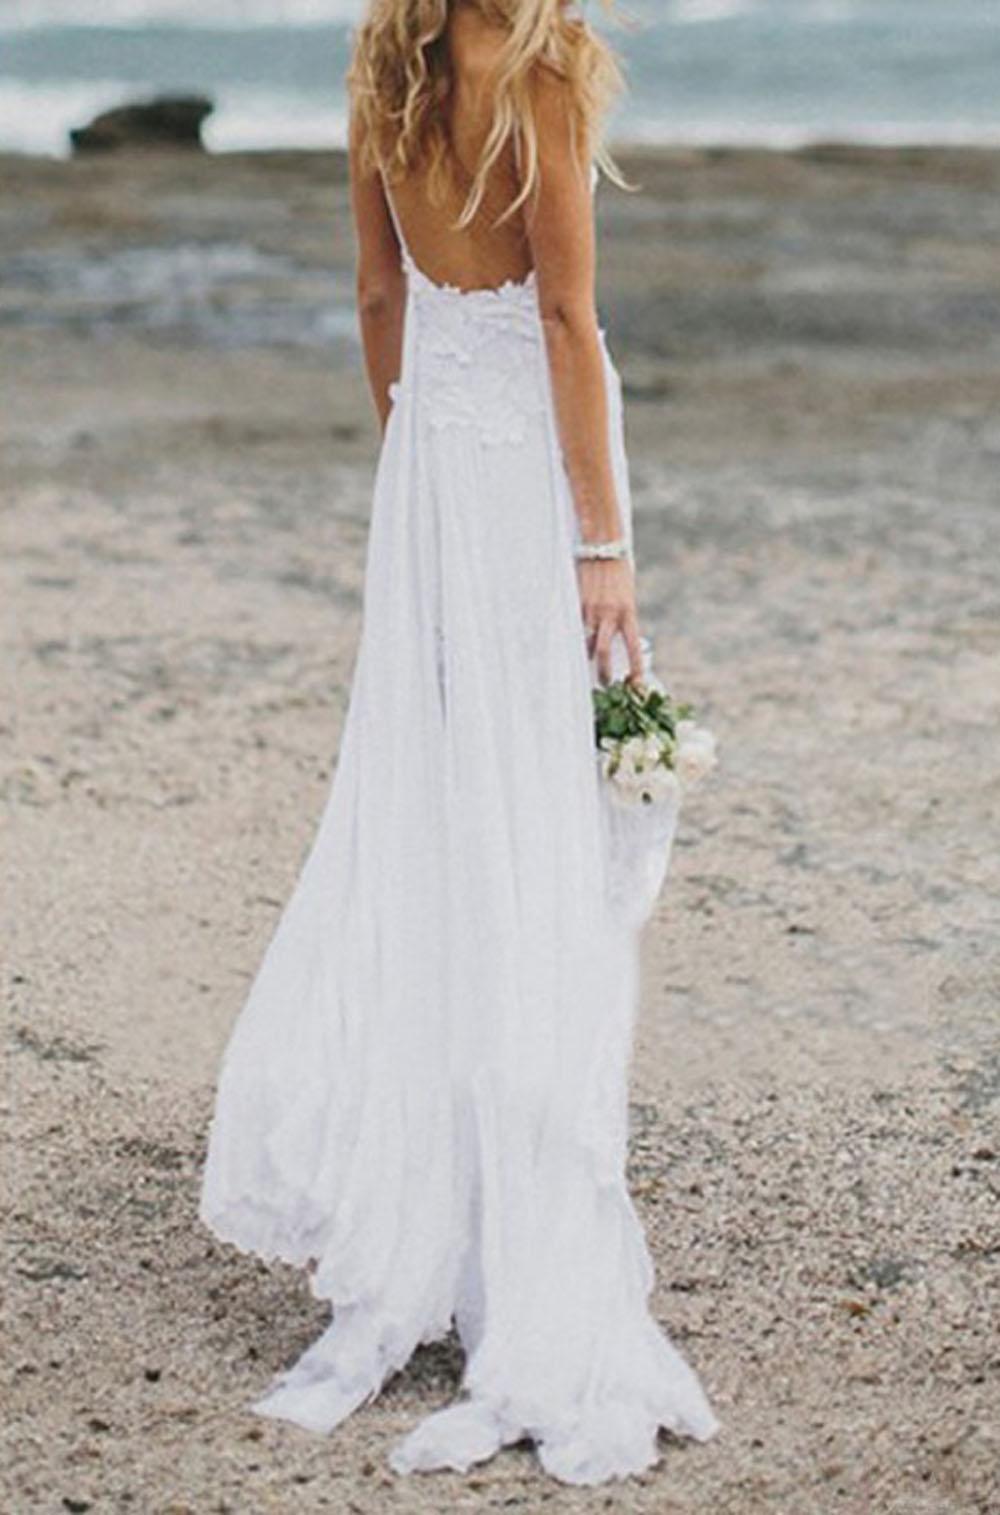 Sexy Spaghetti Strap Chiffon Wedding Dresses, Beach Wedding ...